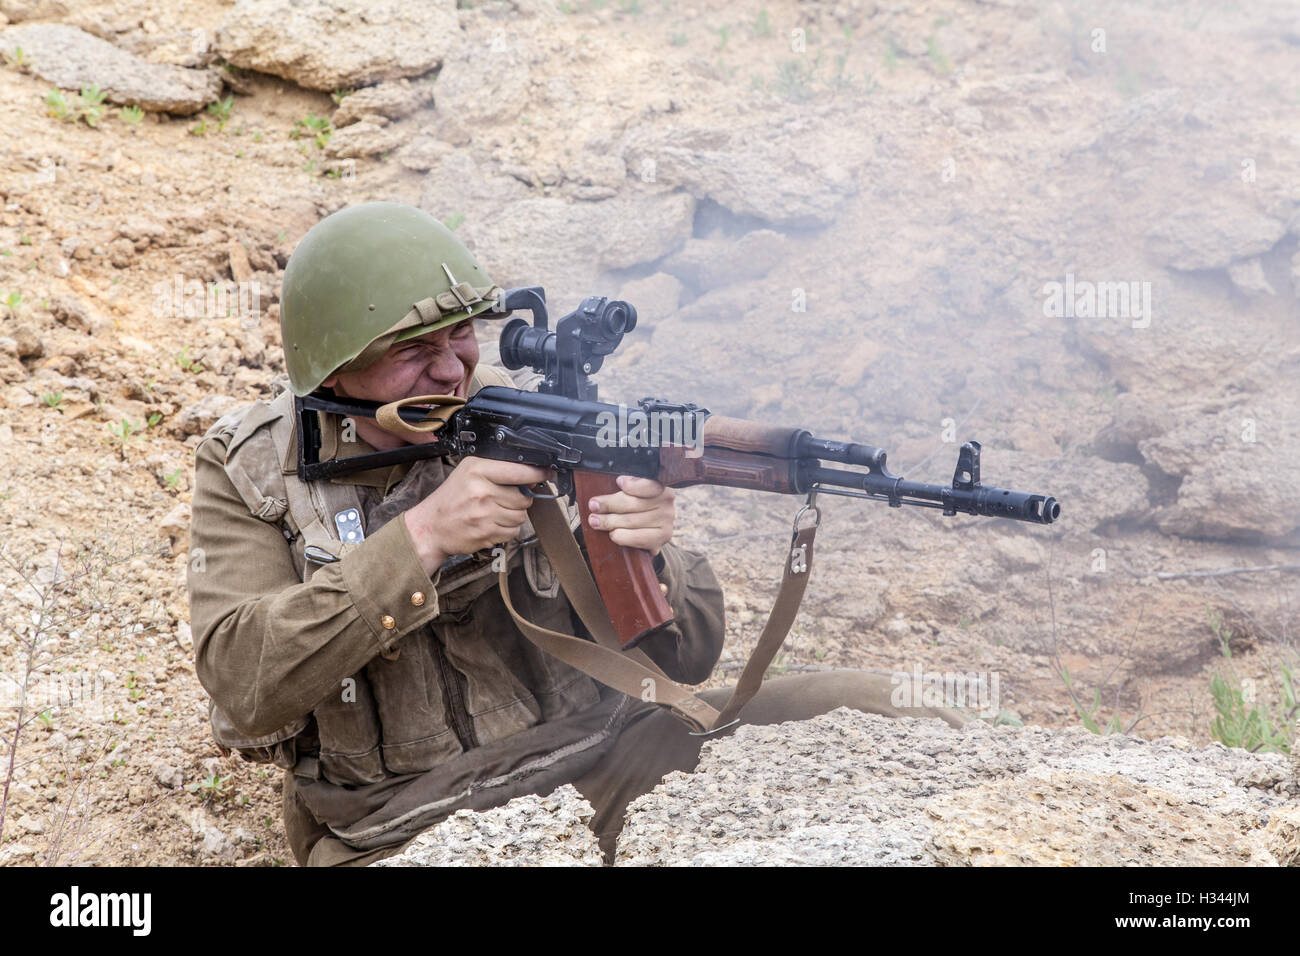 Soviet Afghanistan war - Page 6 Soviet-paratrooper-in-afghanistan-H344JM